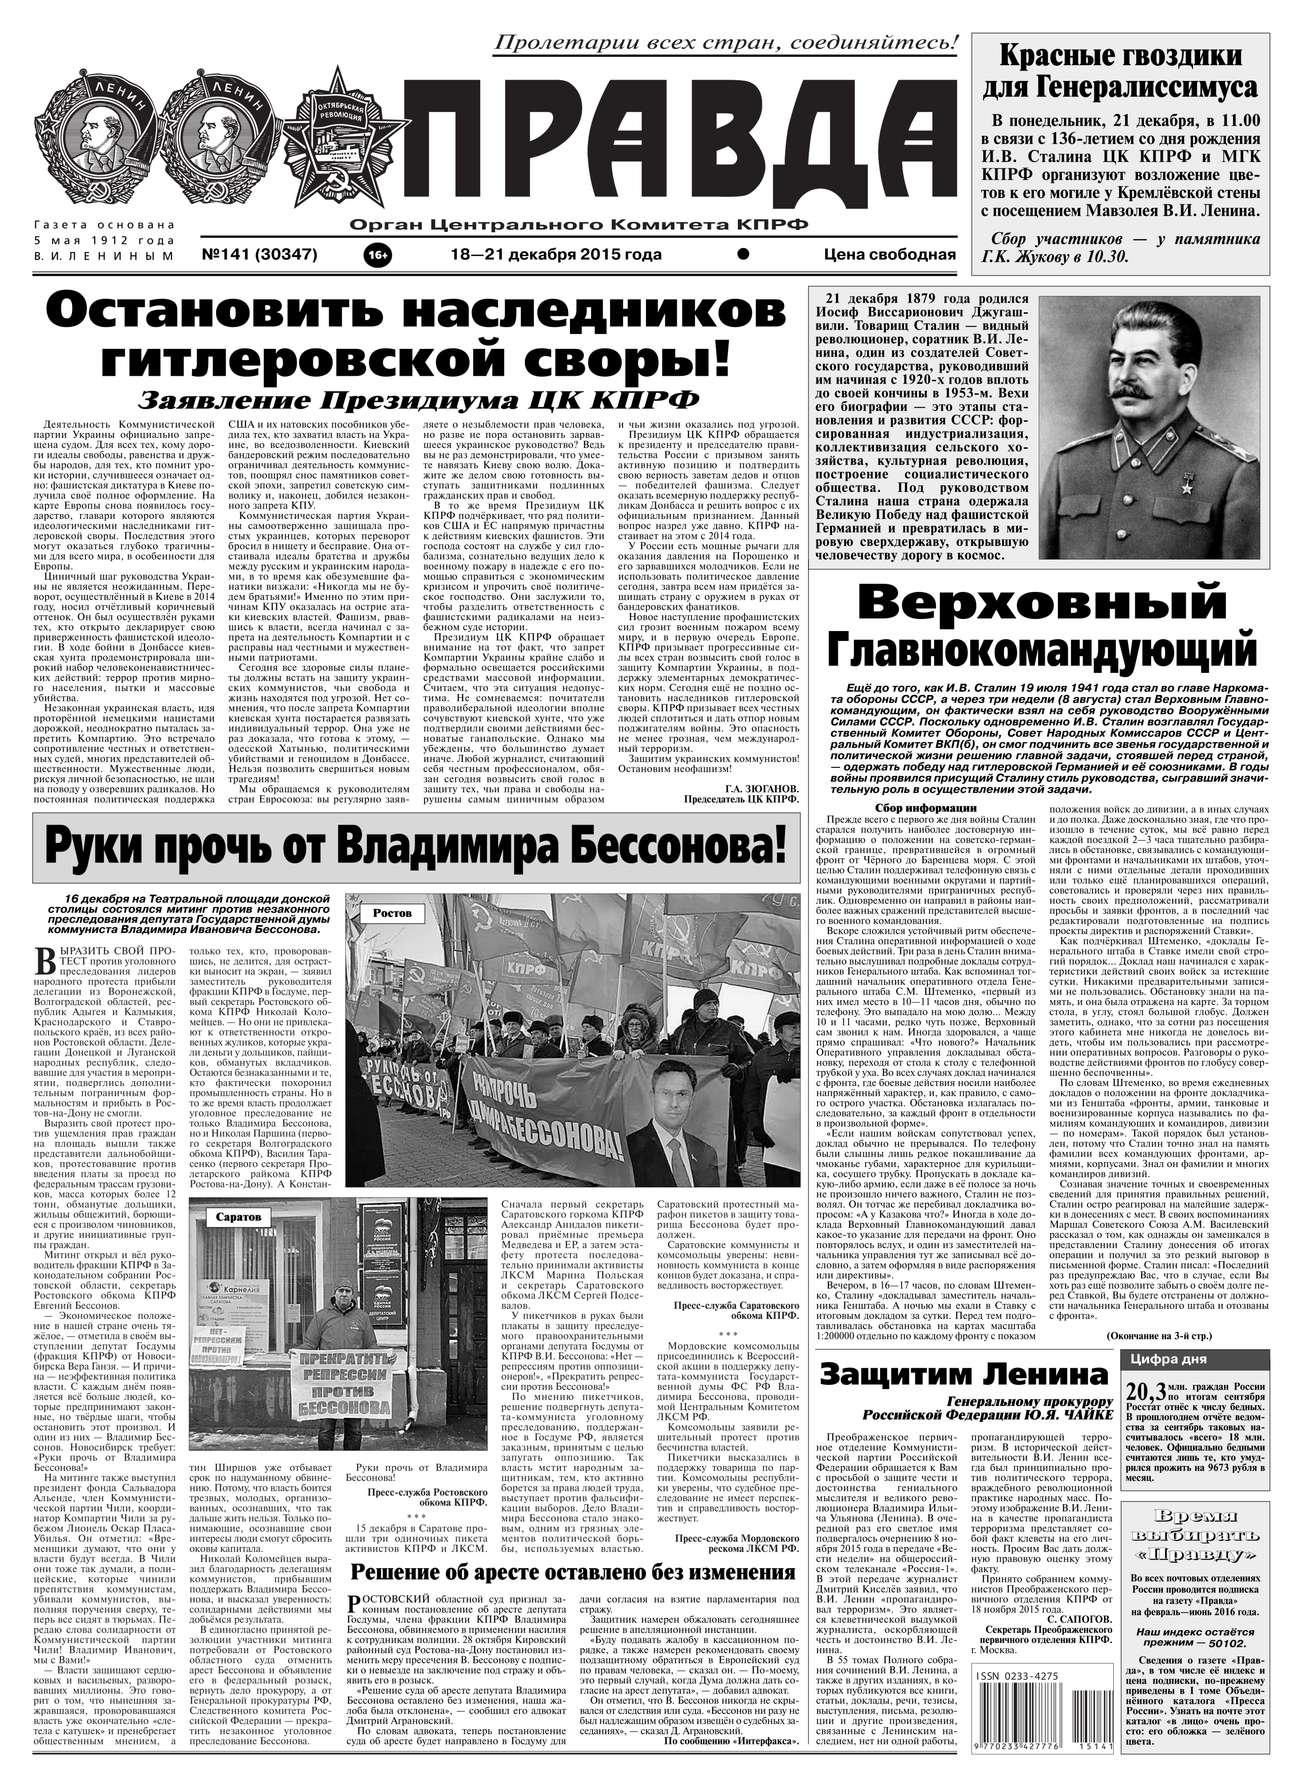 Редакция газеты Правда Правда 141-2015